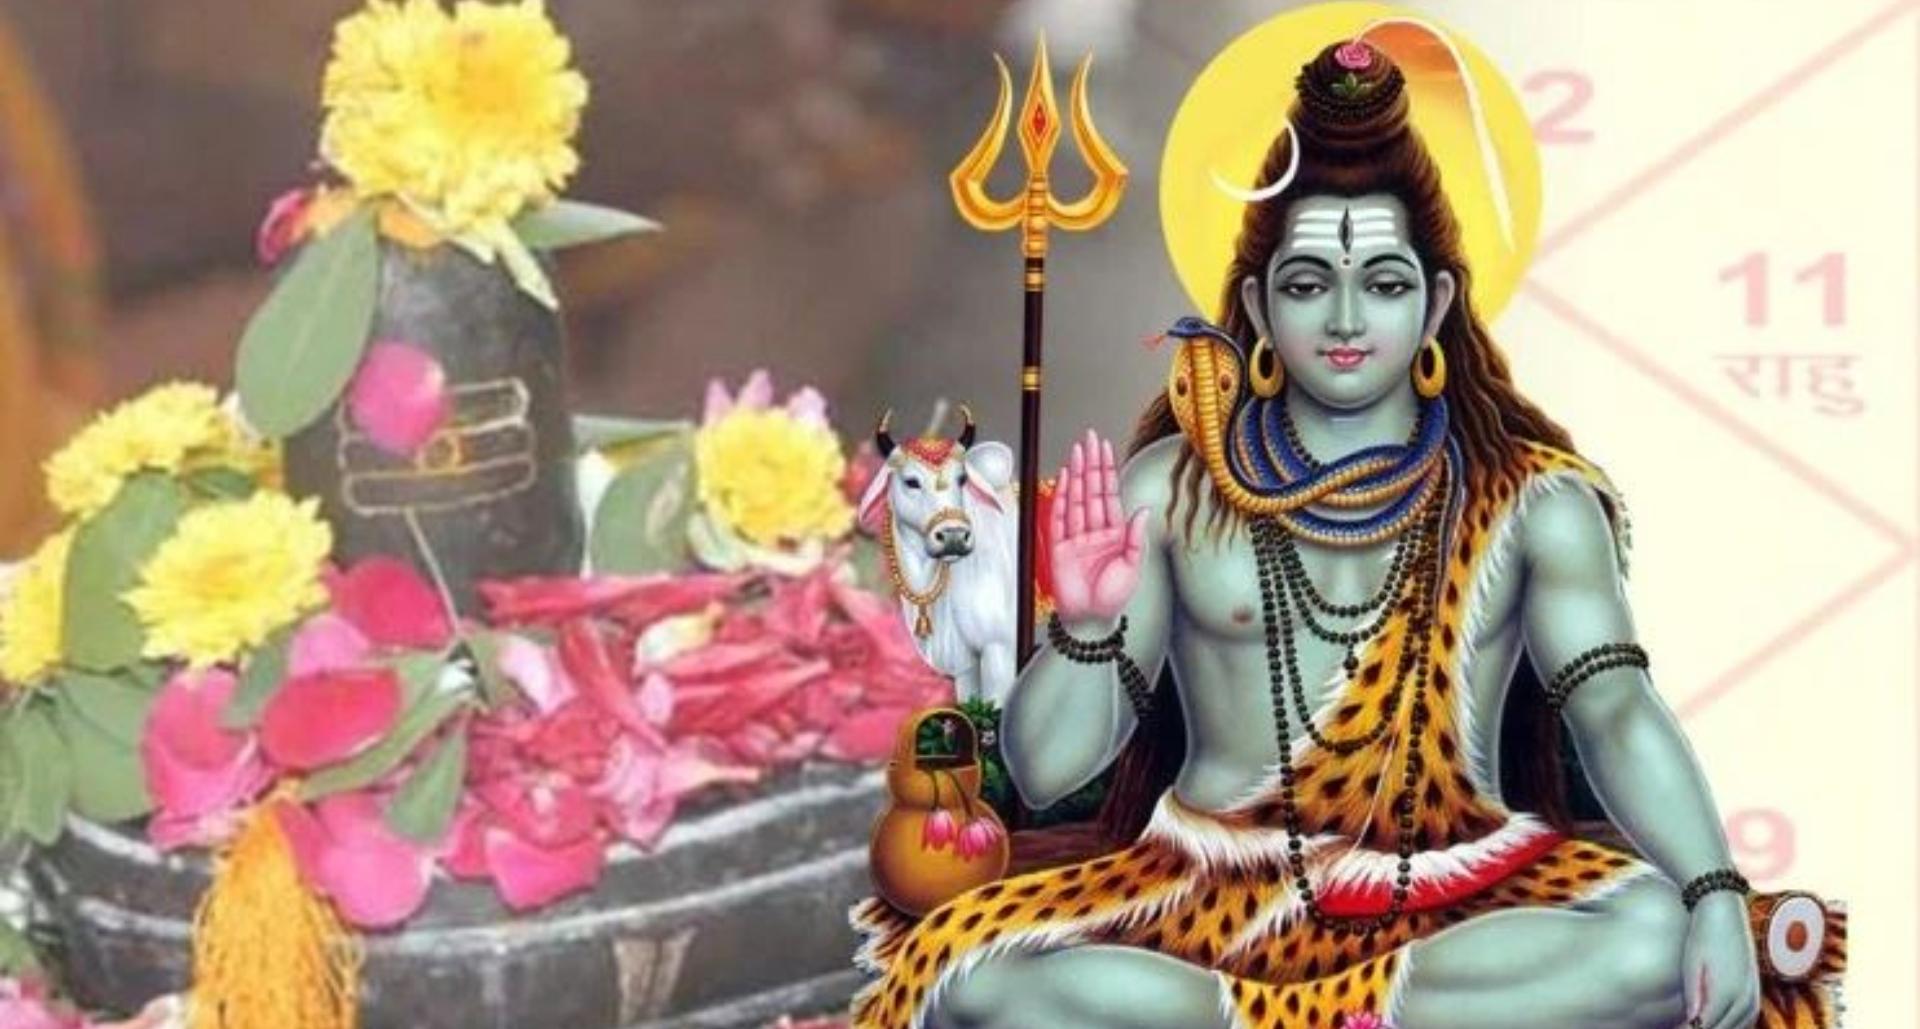 Shravan 2020: सोमवार से शुरू होने वाला है पवित्र श्रावण का महीना, जानिये इस महीने व्रत क्यूं करने चाहिए